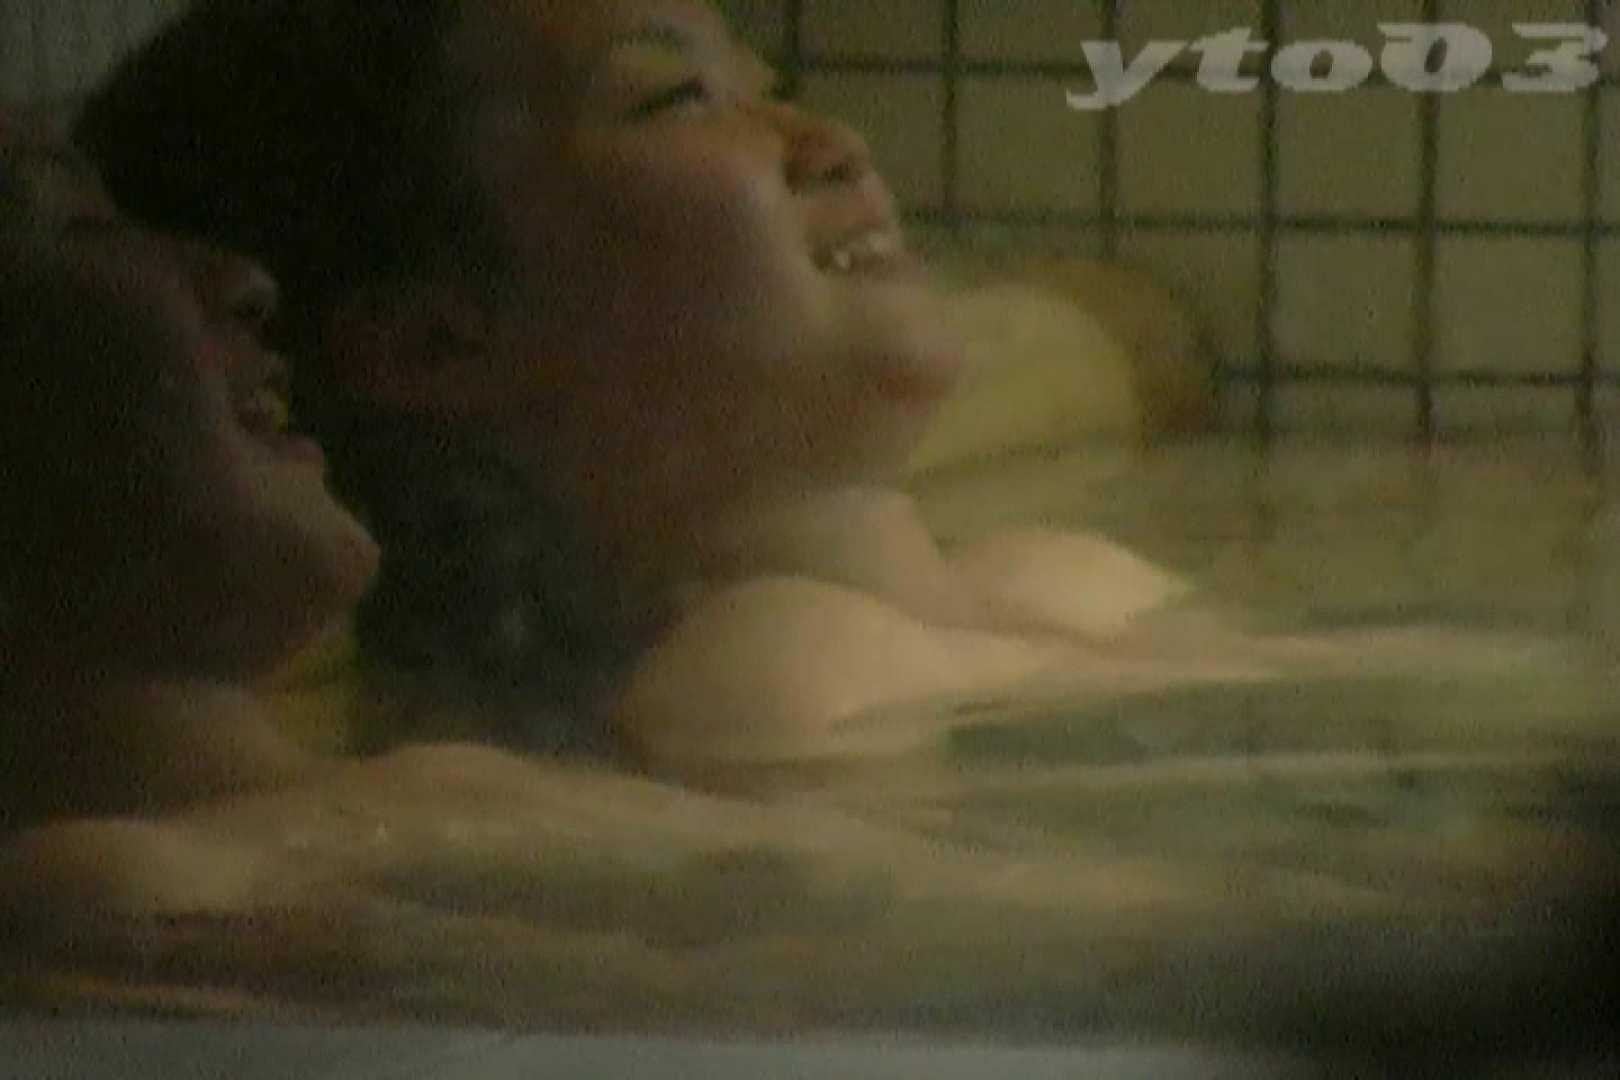 【期間限定配信】合宿ホテル女風呂盗撮 Vol.16 ホテルで絶頂  85画像 40